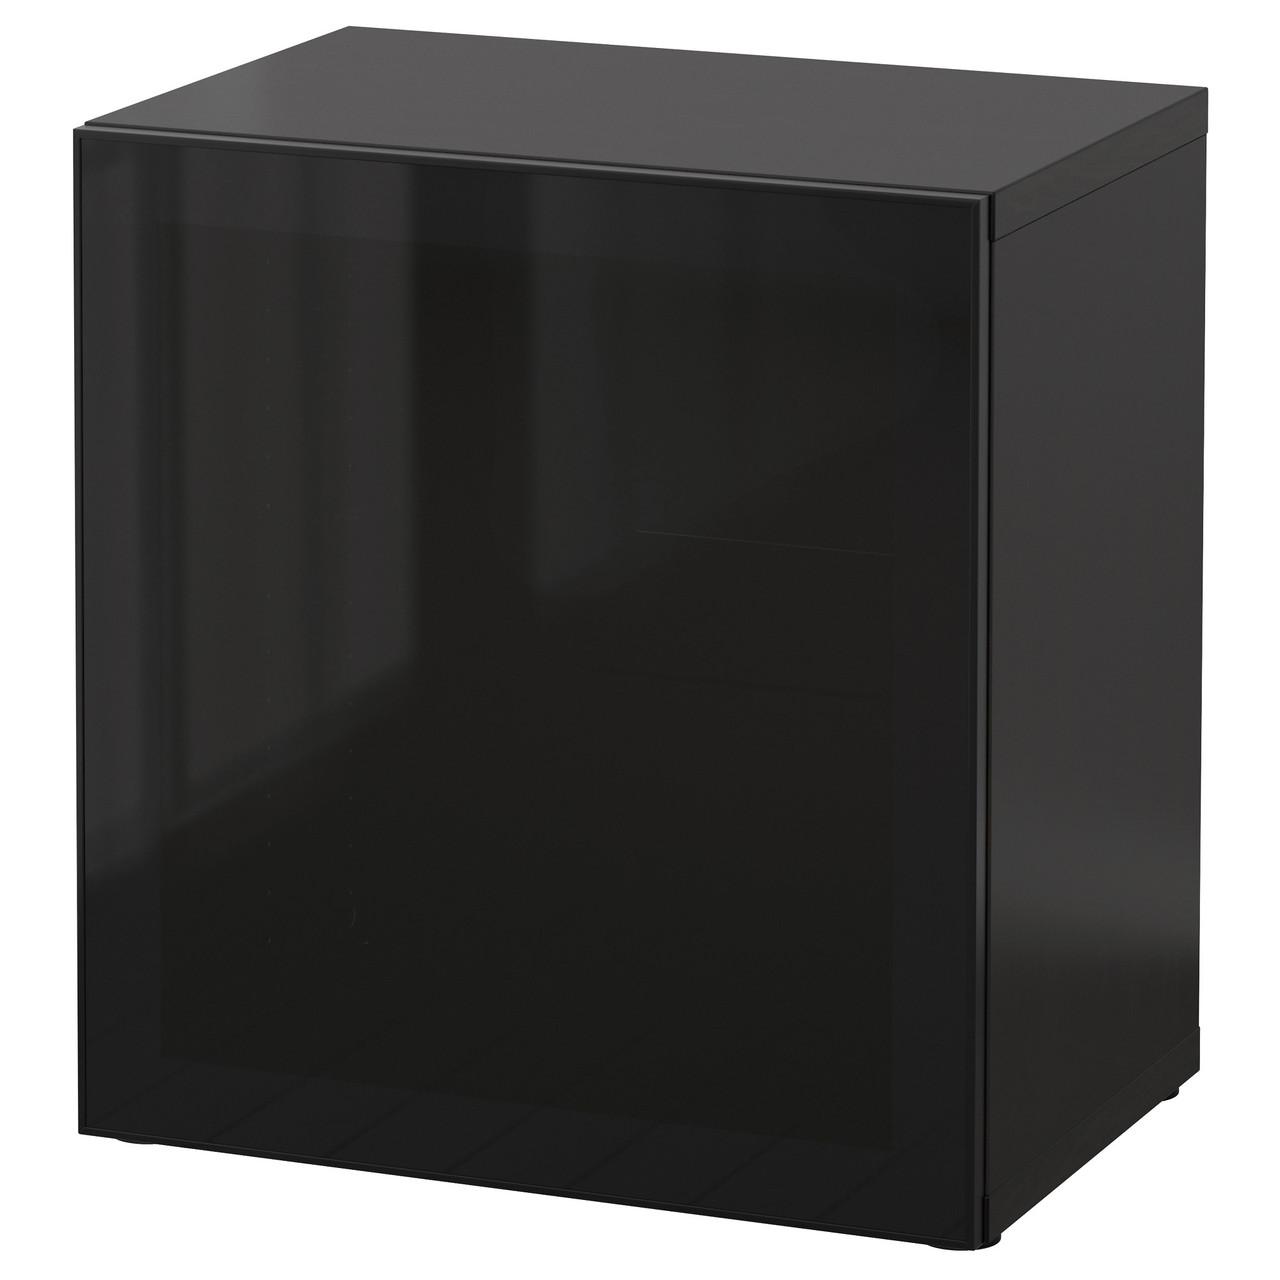 БЕСТО Шкафчик, черный, стекло, 990.477.63